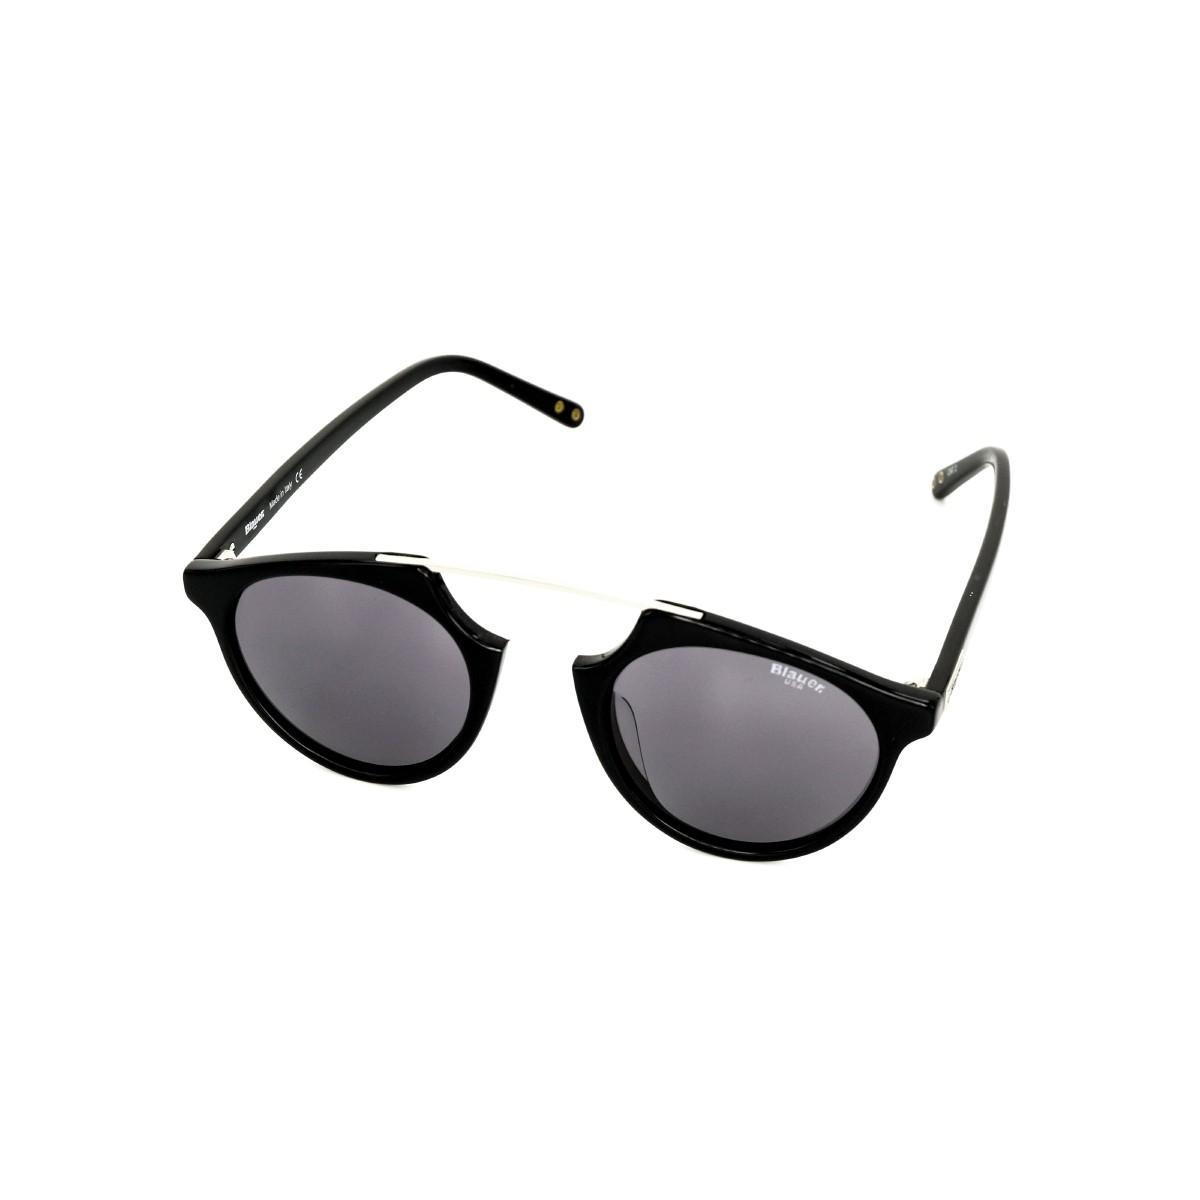 Blauer Avalon 515 nero lucido 01, 100,00€, Occhiali Blauer Nero a forma Ovale